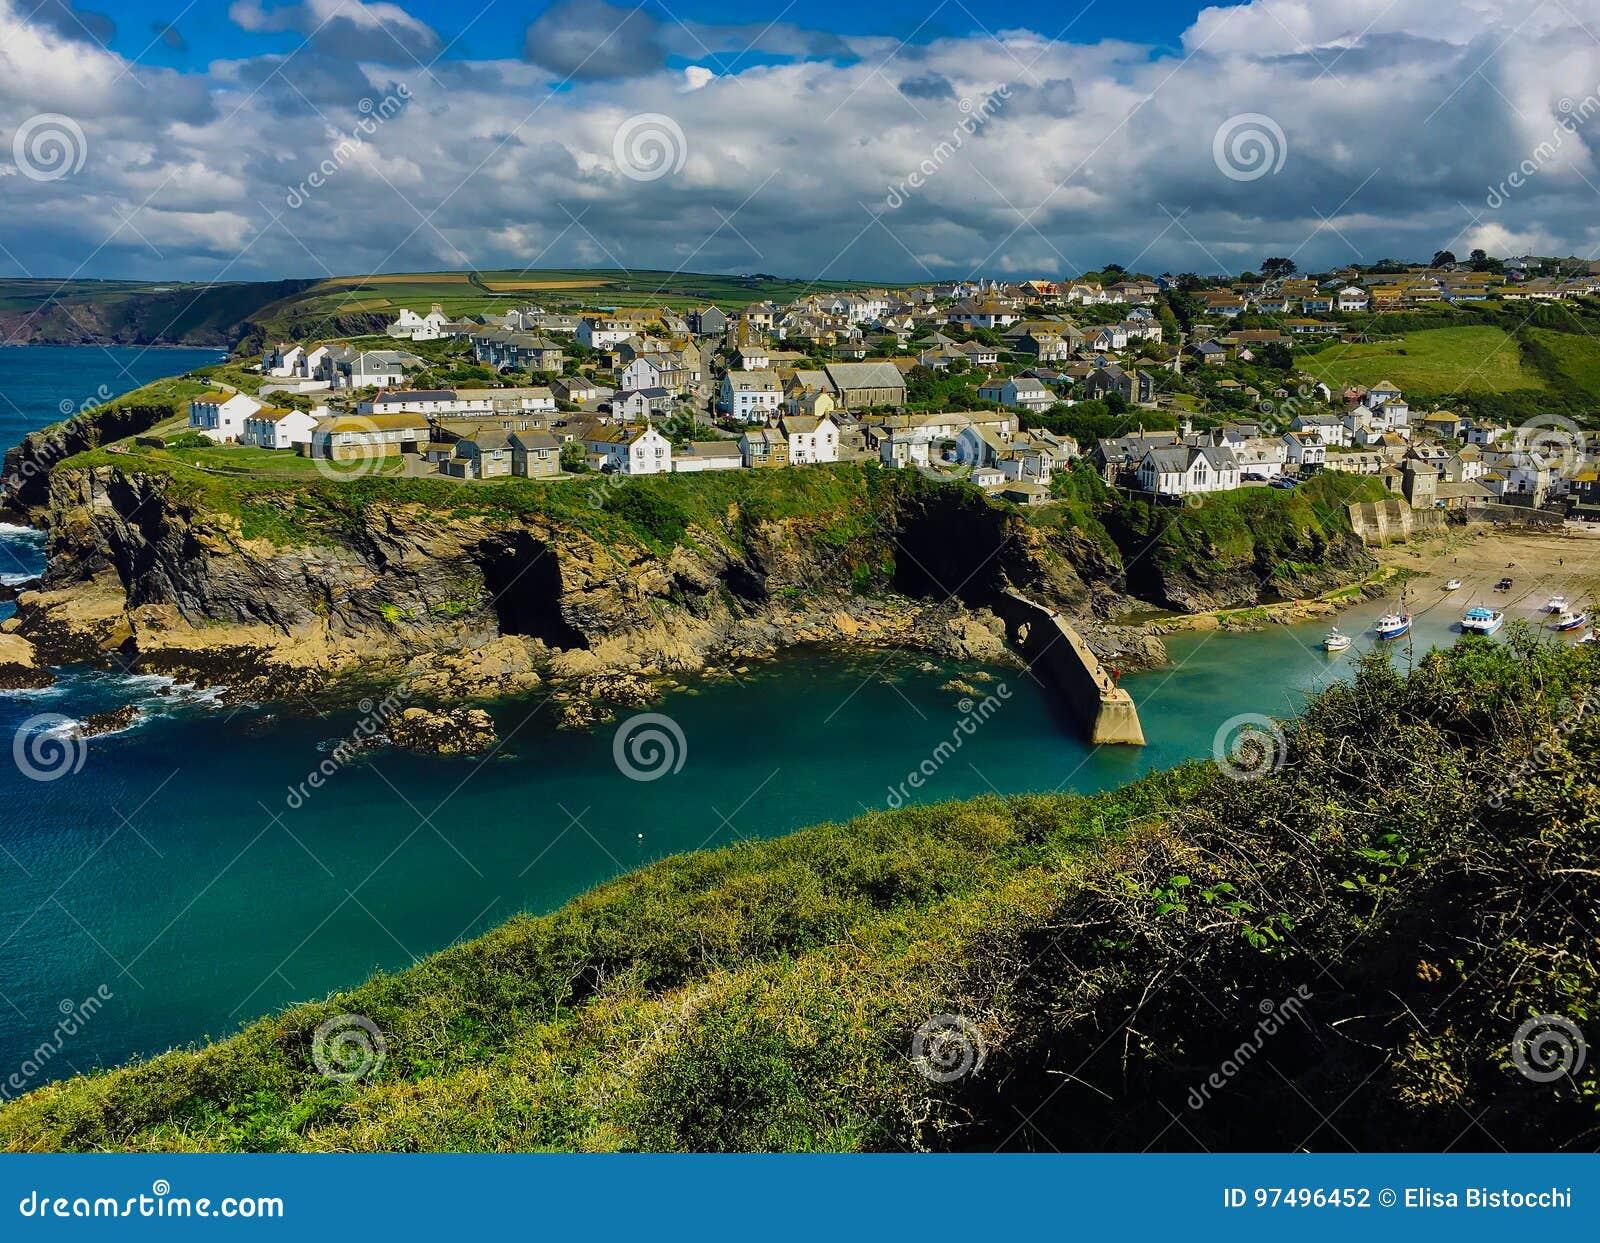 Visualizzazione idilliaca del villaggio di Isaac della porta in Cornovaglia sull Oceano Atlantico